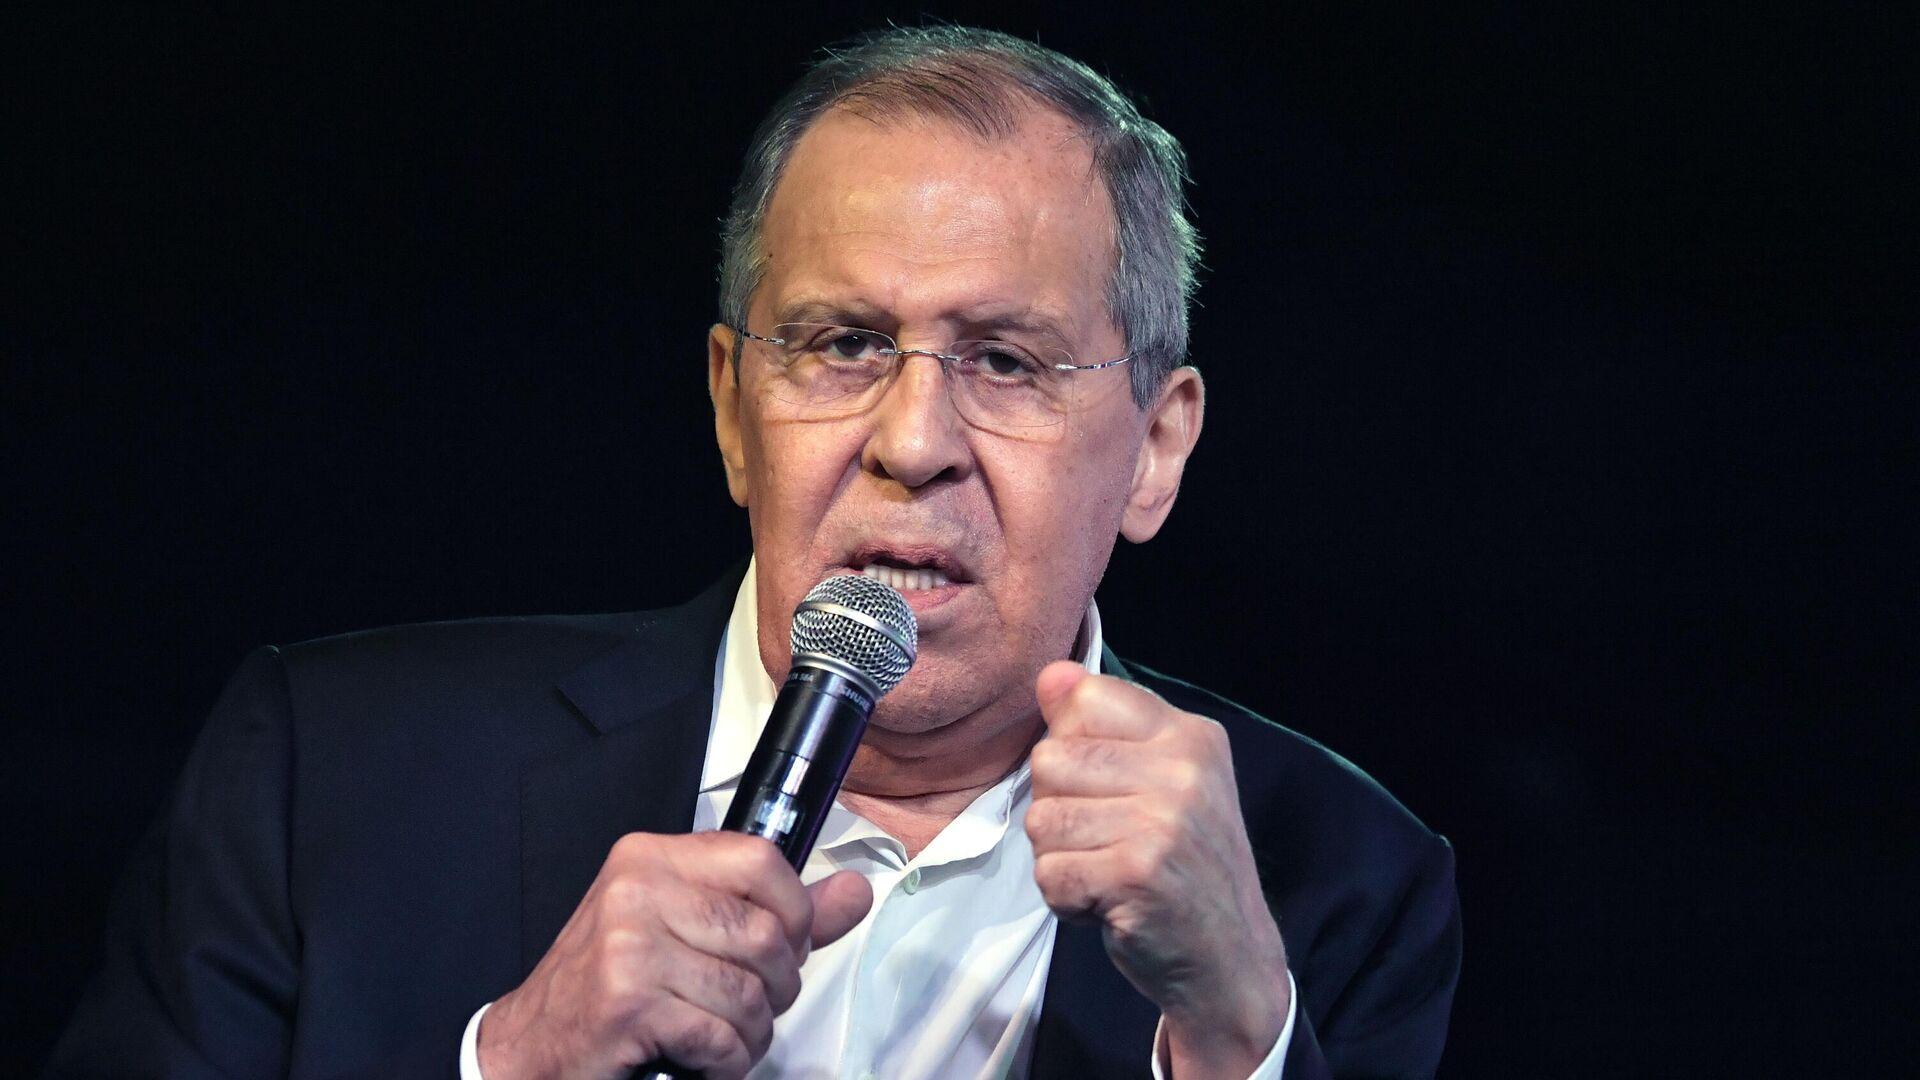 El ministro de Exteriores ruso, Serguéi Lavrov, en el foro Tavrida, ciudad de Sudak, el 12 de agosto de 2021 - Sputnik Mundo, 1920, 25.08.2021